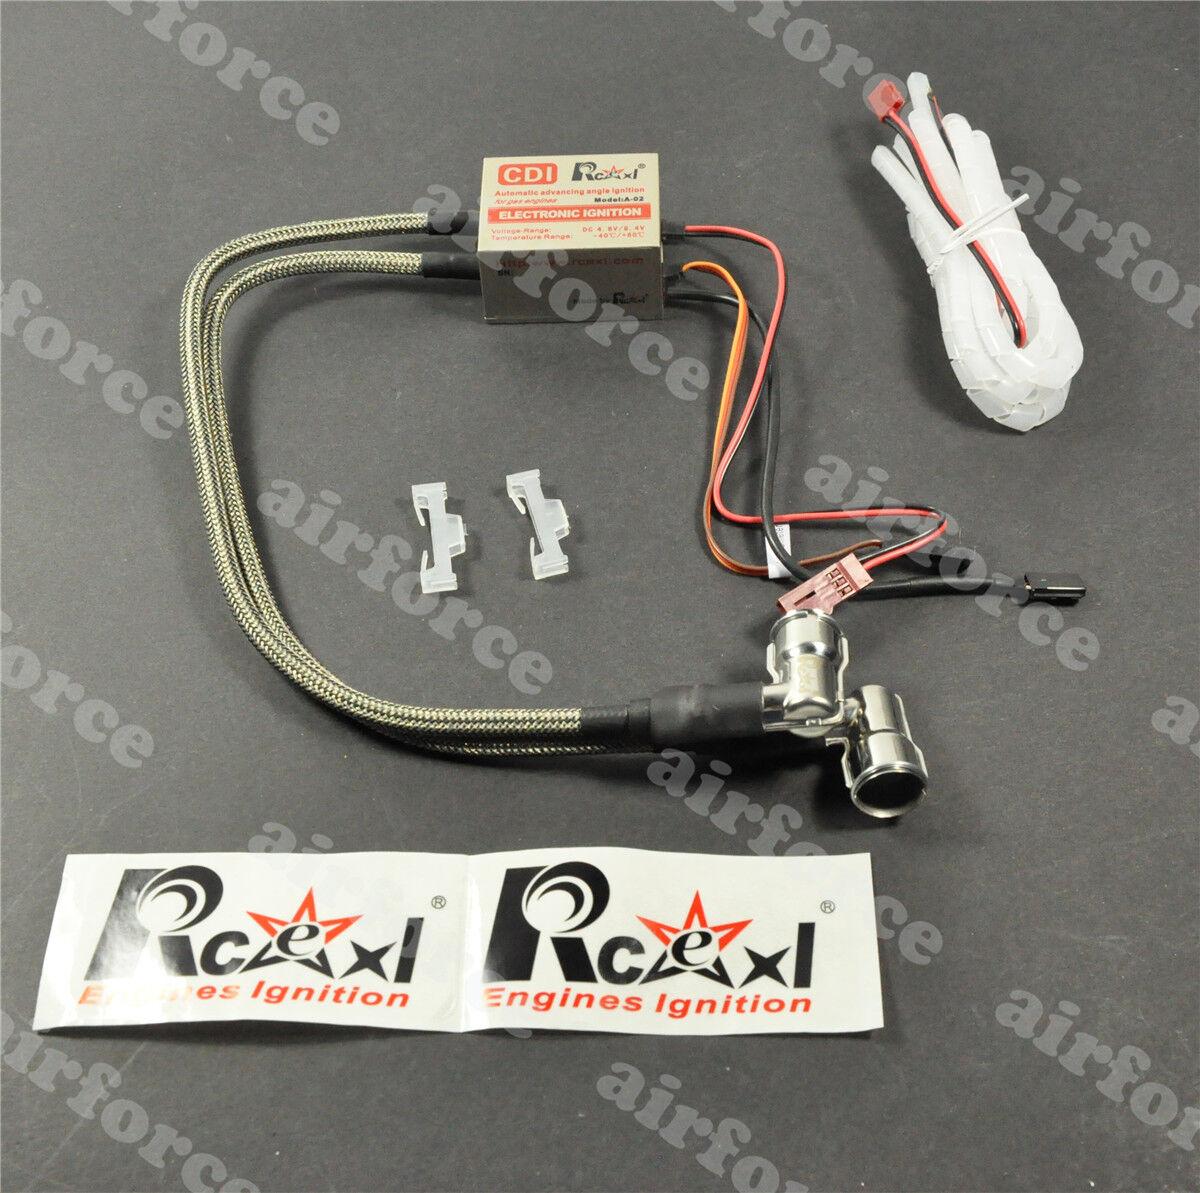 1set  Rcexl twin ignition for NGK -CM6-10MM 90degree+Hall Sensor FM